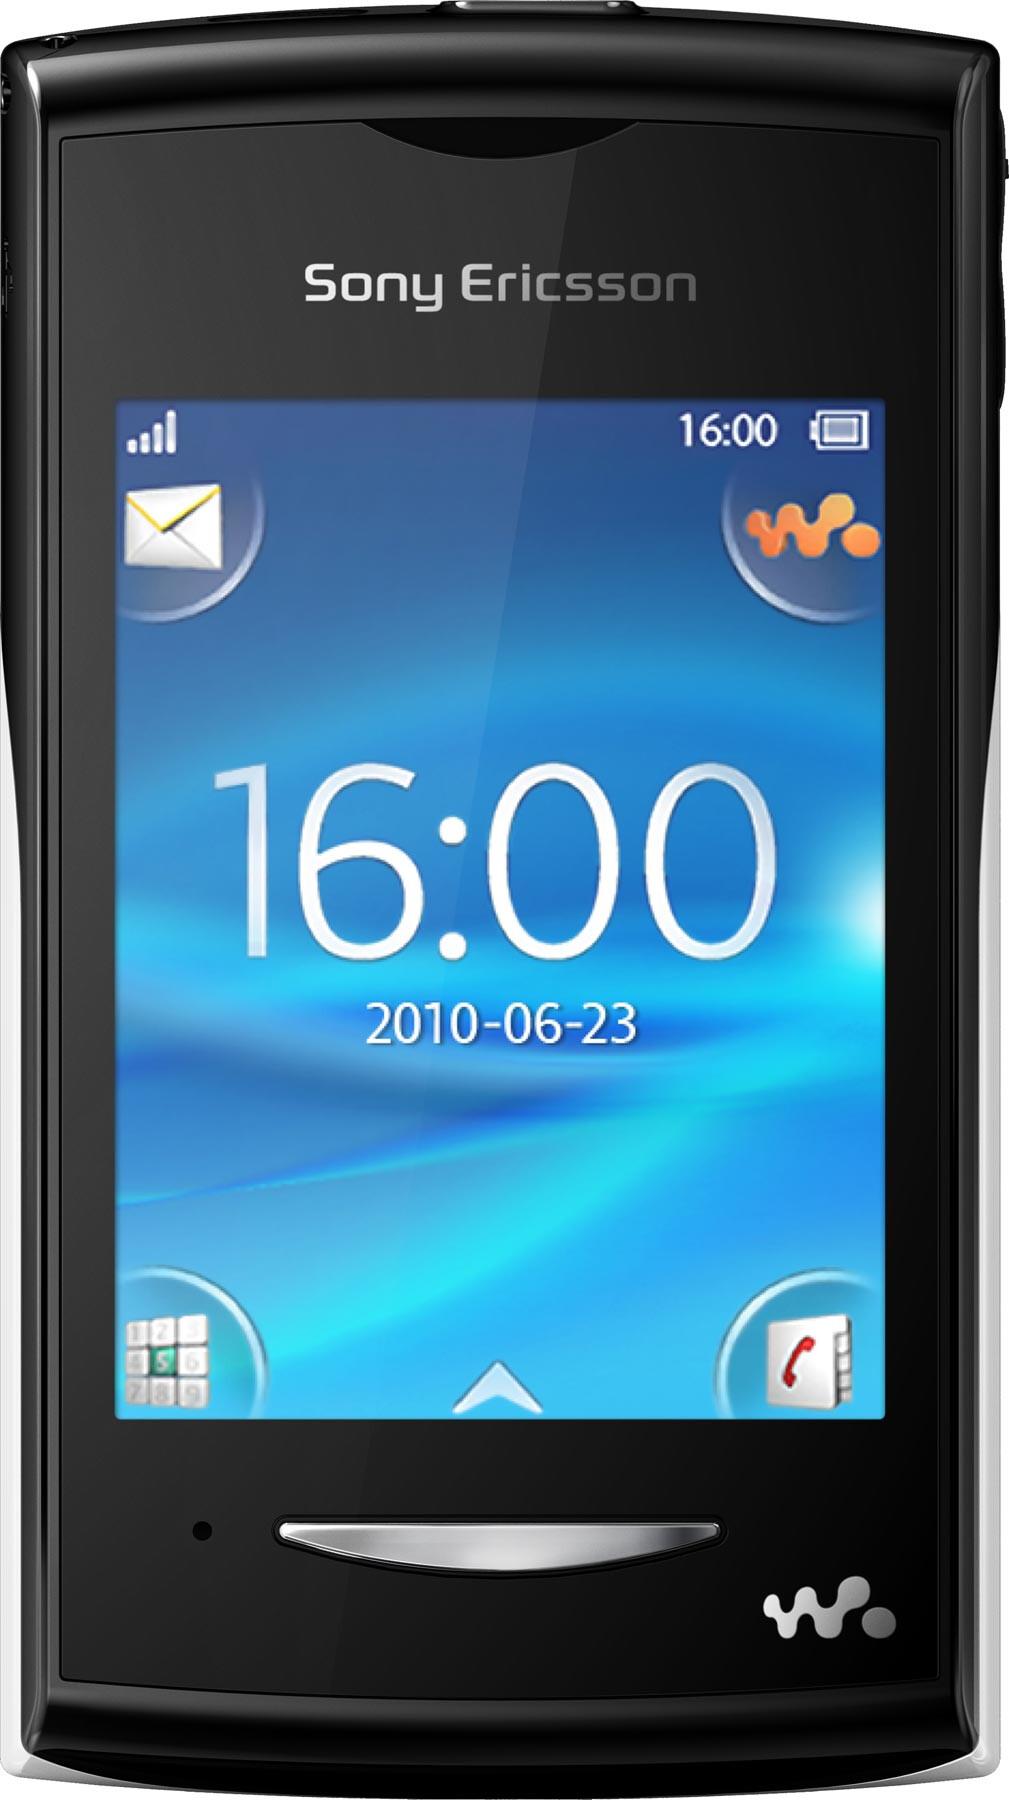 Sony Ericsson Yendo a